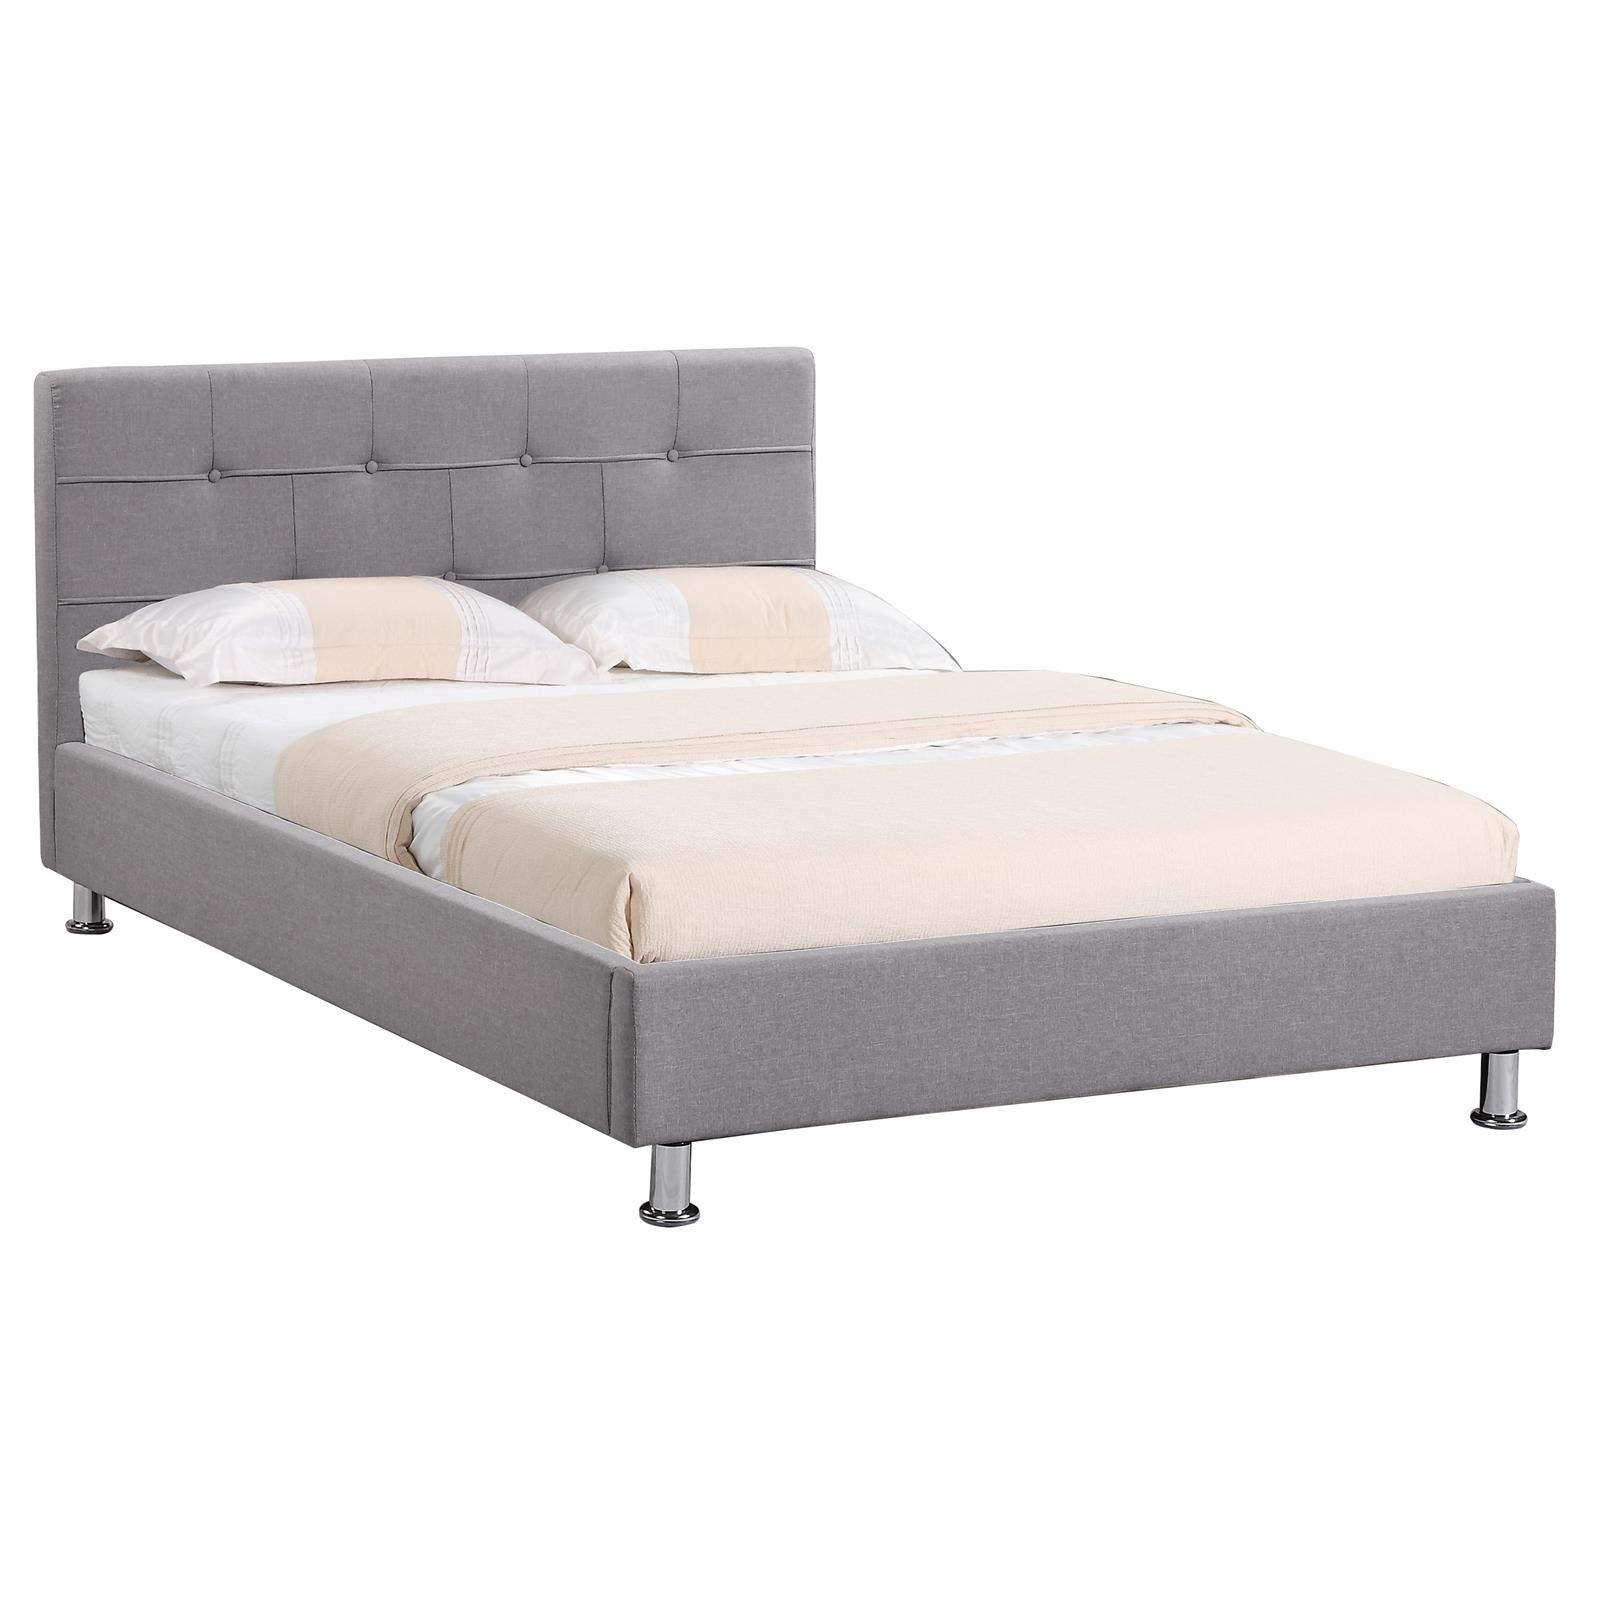 IDIMEX Lit Simple pour Adulte Nizza Couchage 120 x 190 cm 1 Place et Demi   2e58759f5151